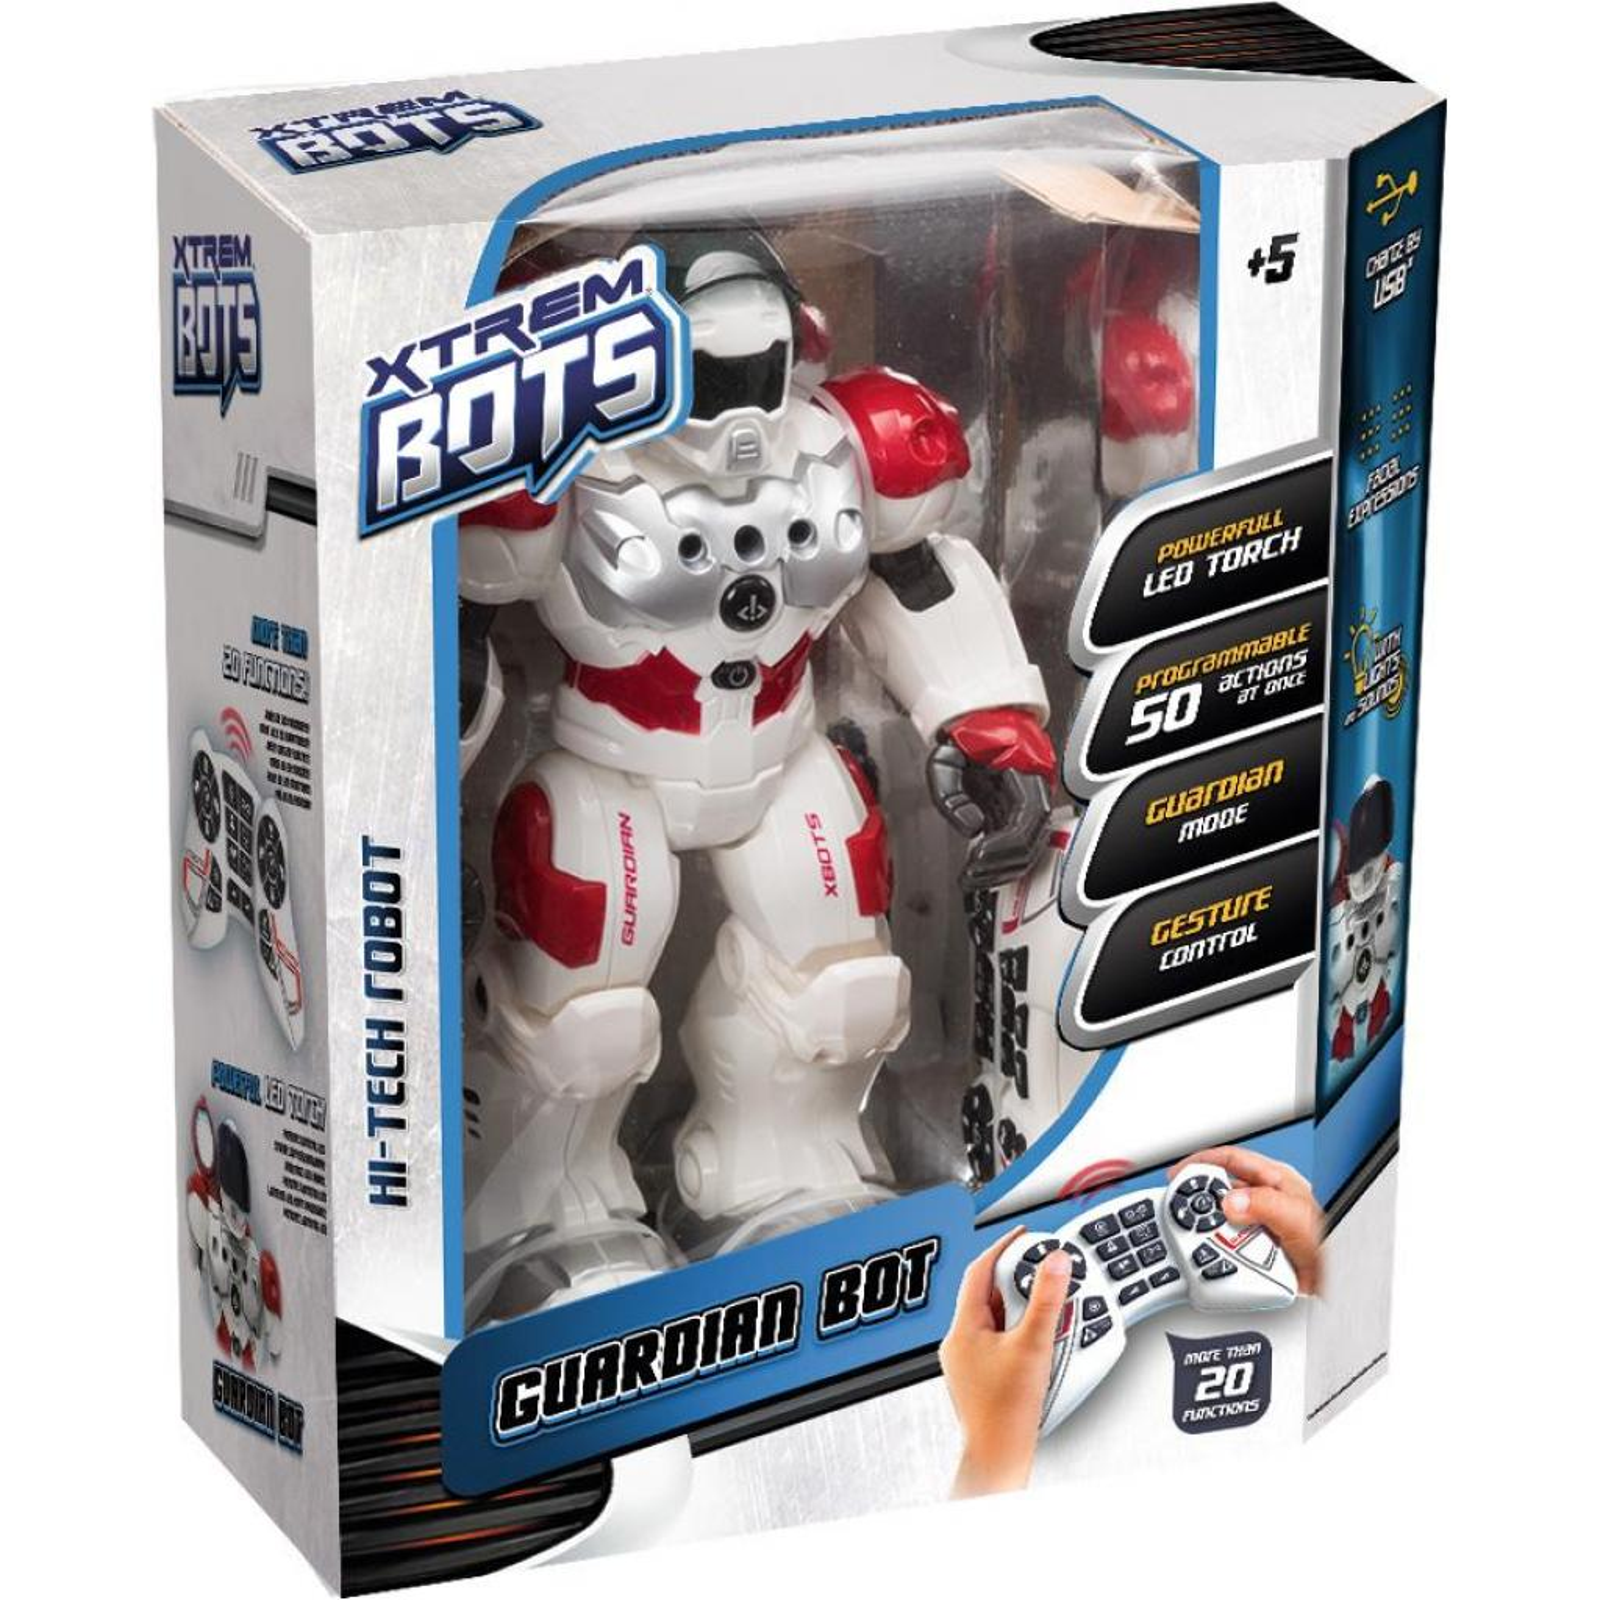 Интерактивная игрушка Blue Rocket робот Защитник (XT380771) изображение 5